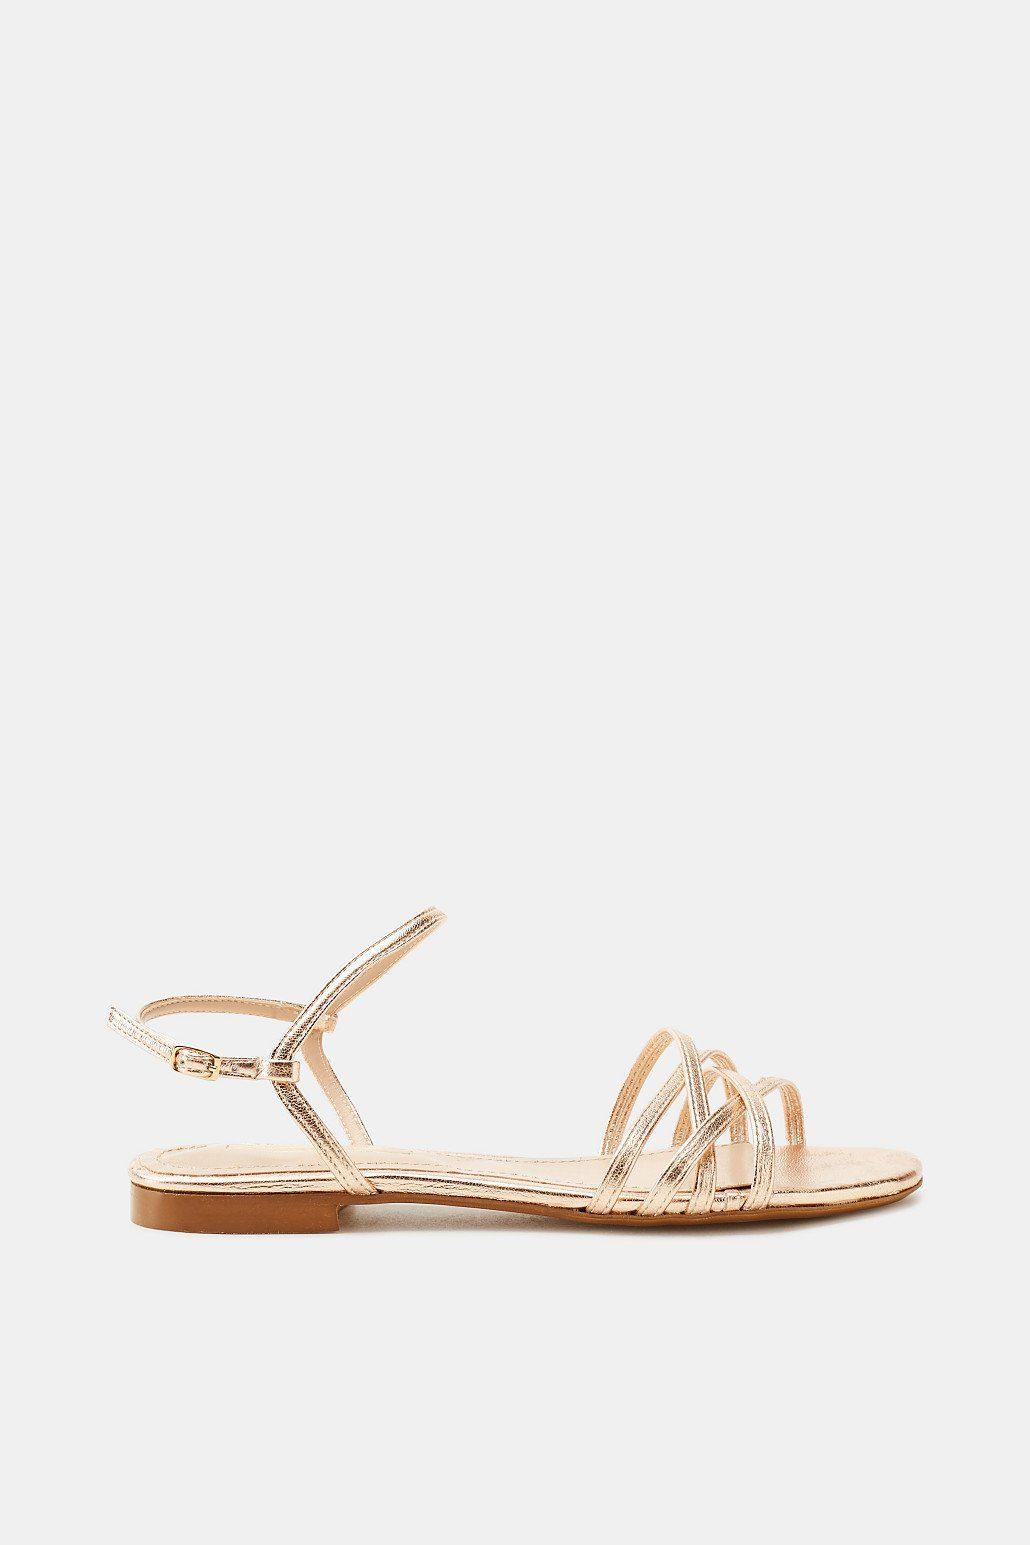 Esprit Metallic-Sandalette in Leder-Optik für Damen, Größe 38, Nude